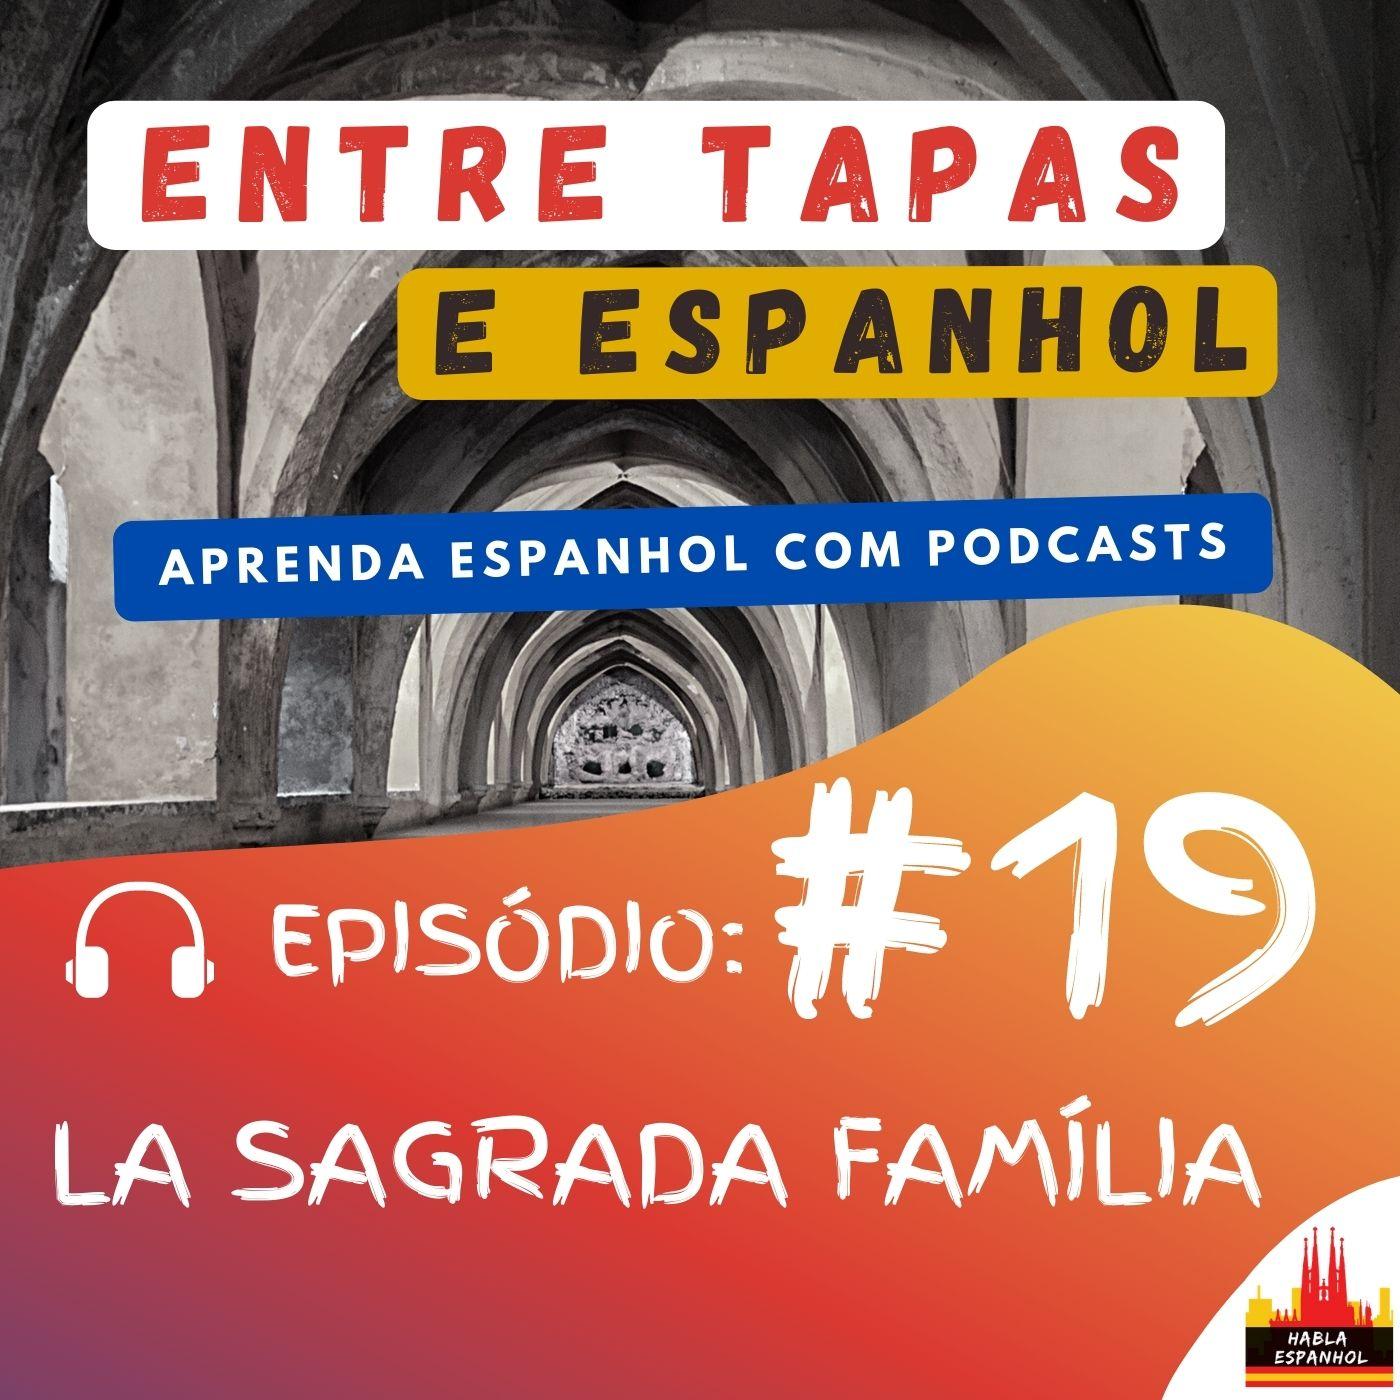 Episódio 19 - La Sagrada Familia - HablaEspanhol